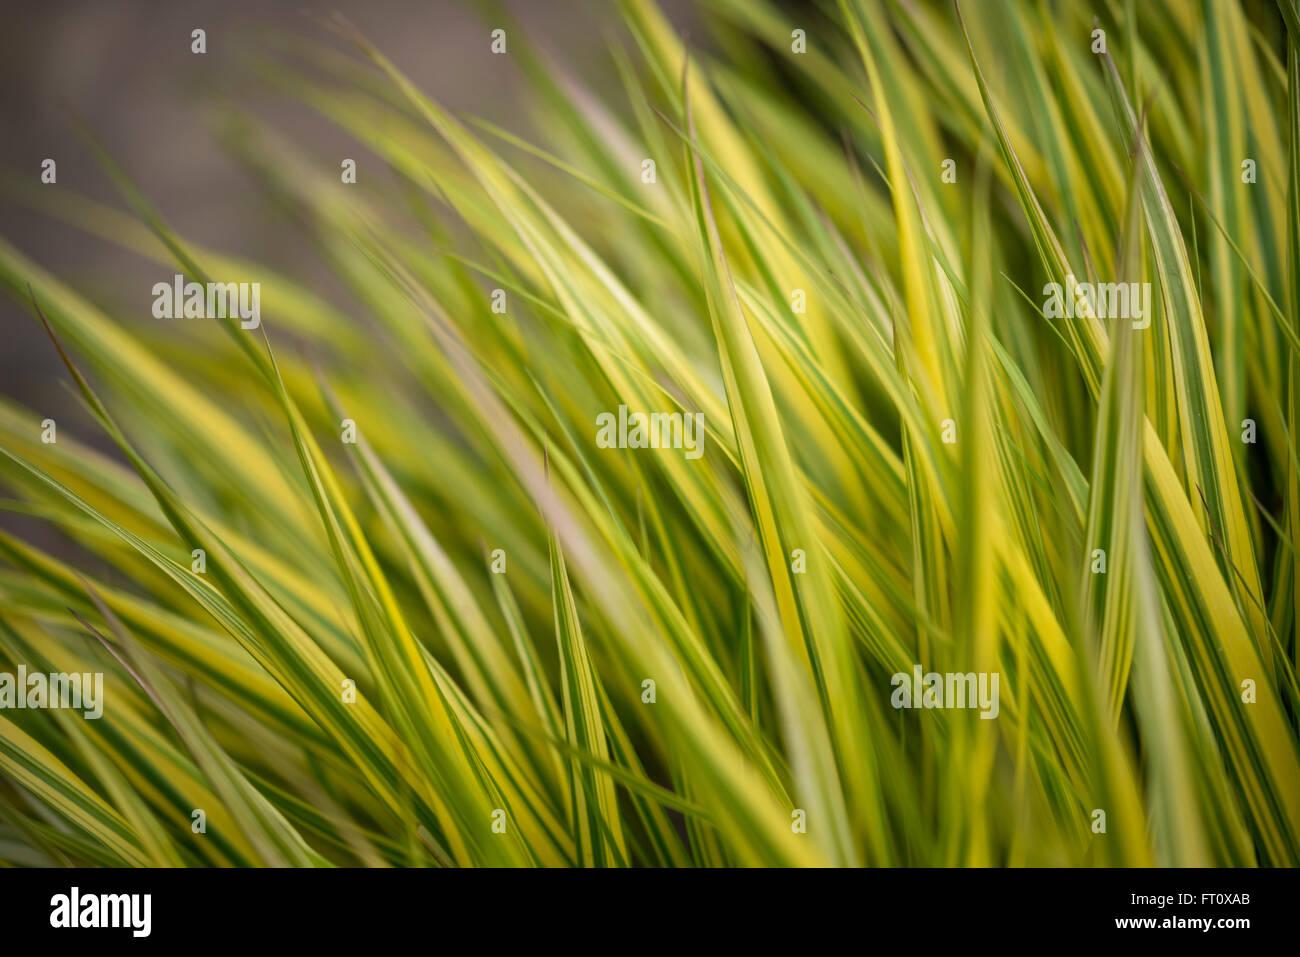 Hakonechloa Macra 'Aureola' gesehen Nahaufnahme. Golden bunten Rasen. Stockbild